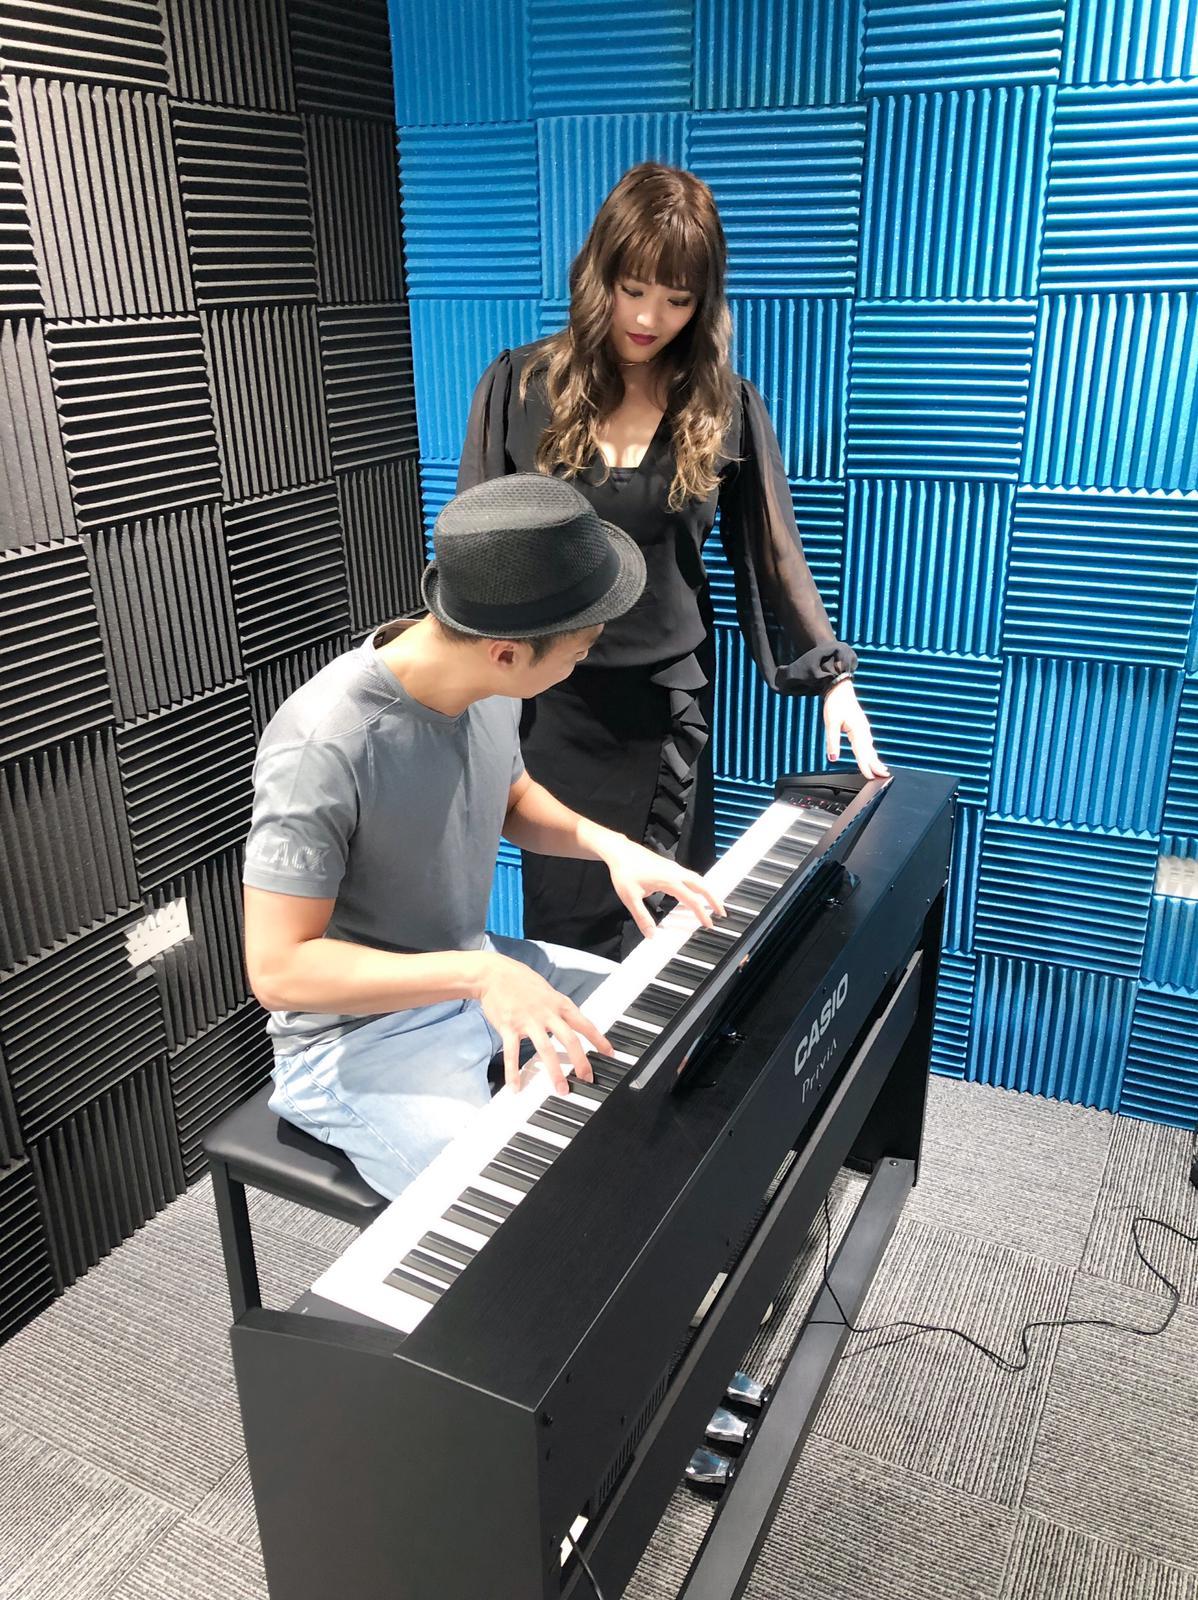 【話題沸騰】自分を表現する音楽レッスン、新感覚ズンバレッスンを体感<超お得なSingaLife限定プロモーションも!>~Studio Genre/LUTILU STUDIO ~